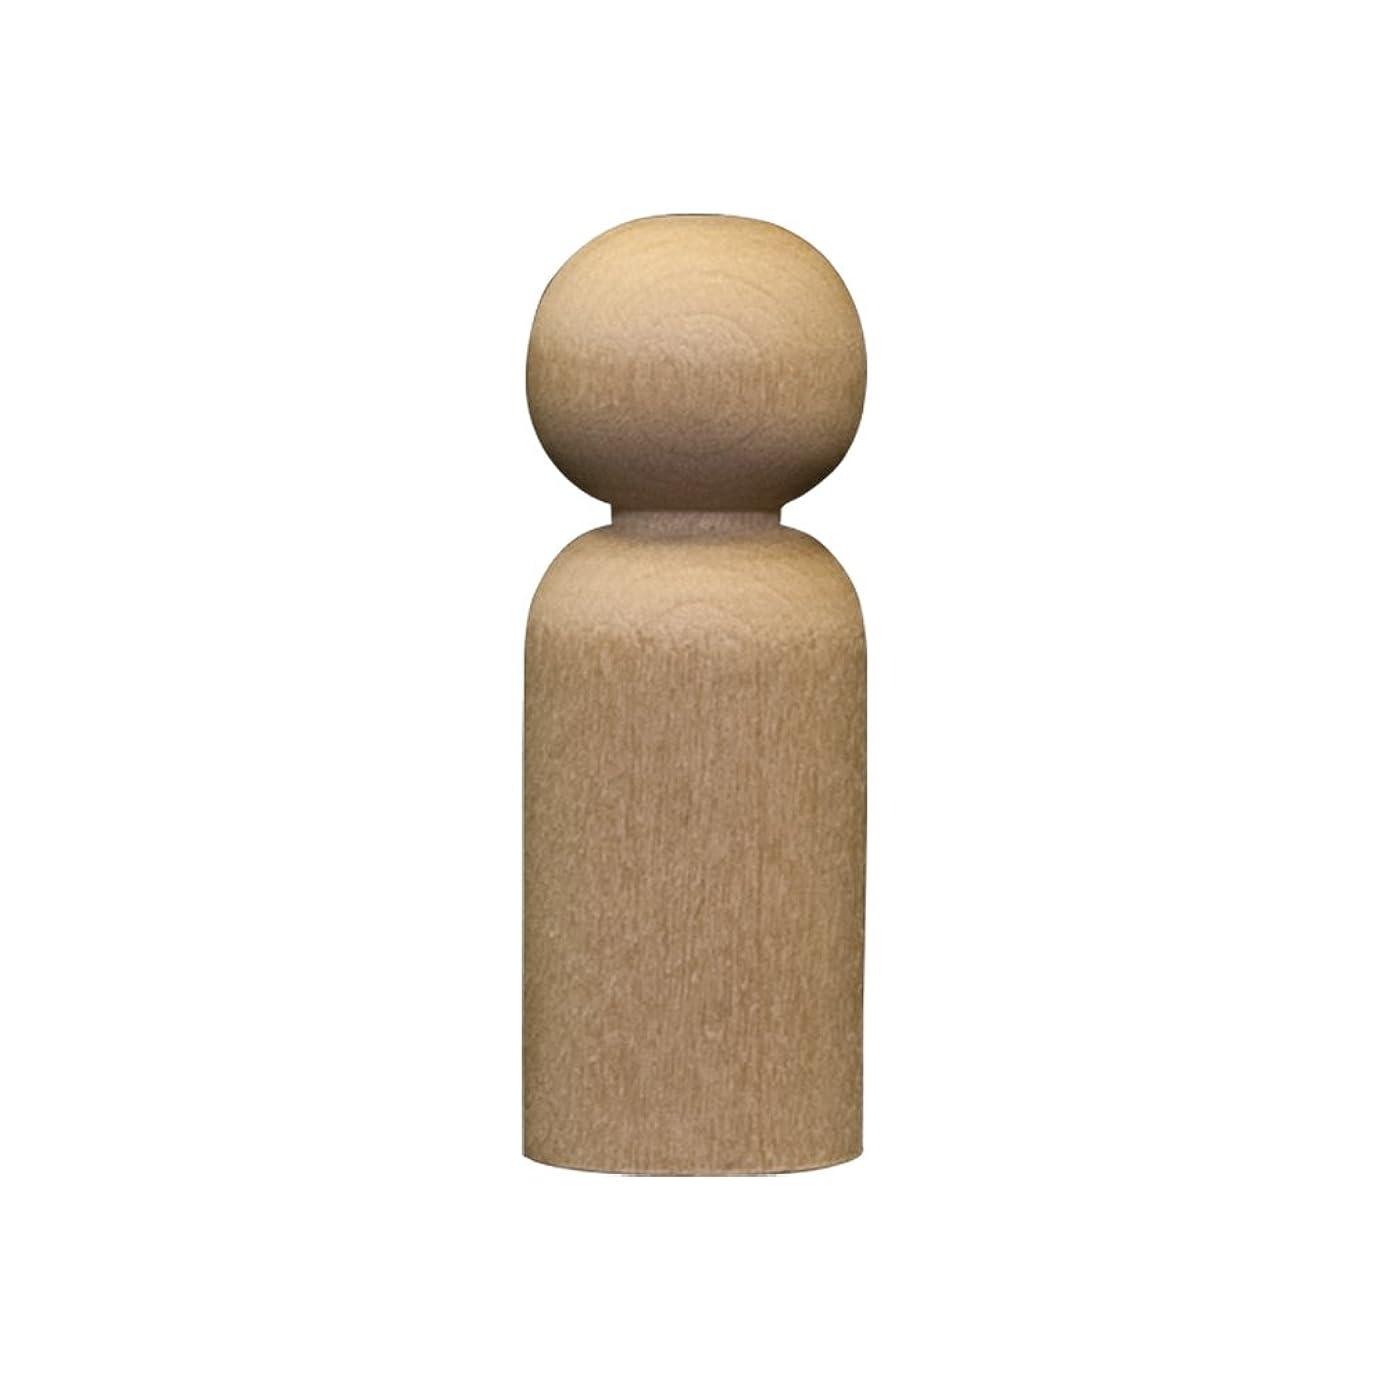 Wood Doll Bodies - Dad 2-3/8 inch - Bag of 100